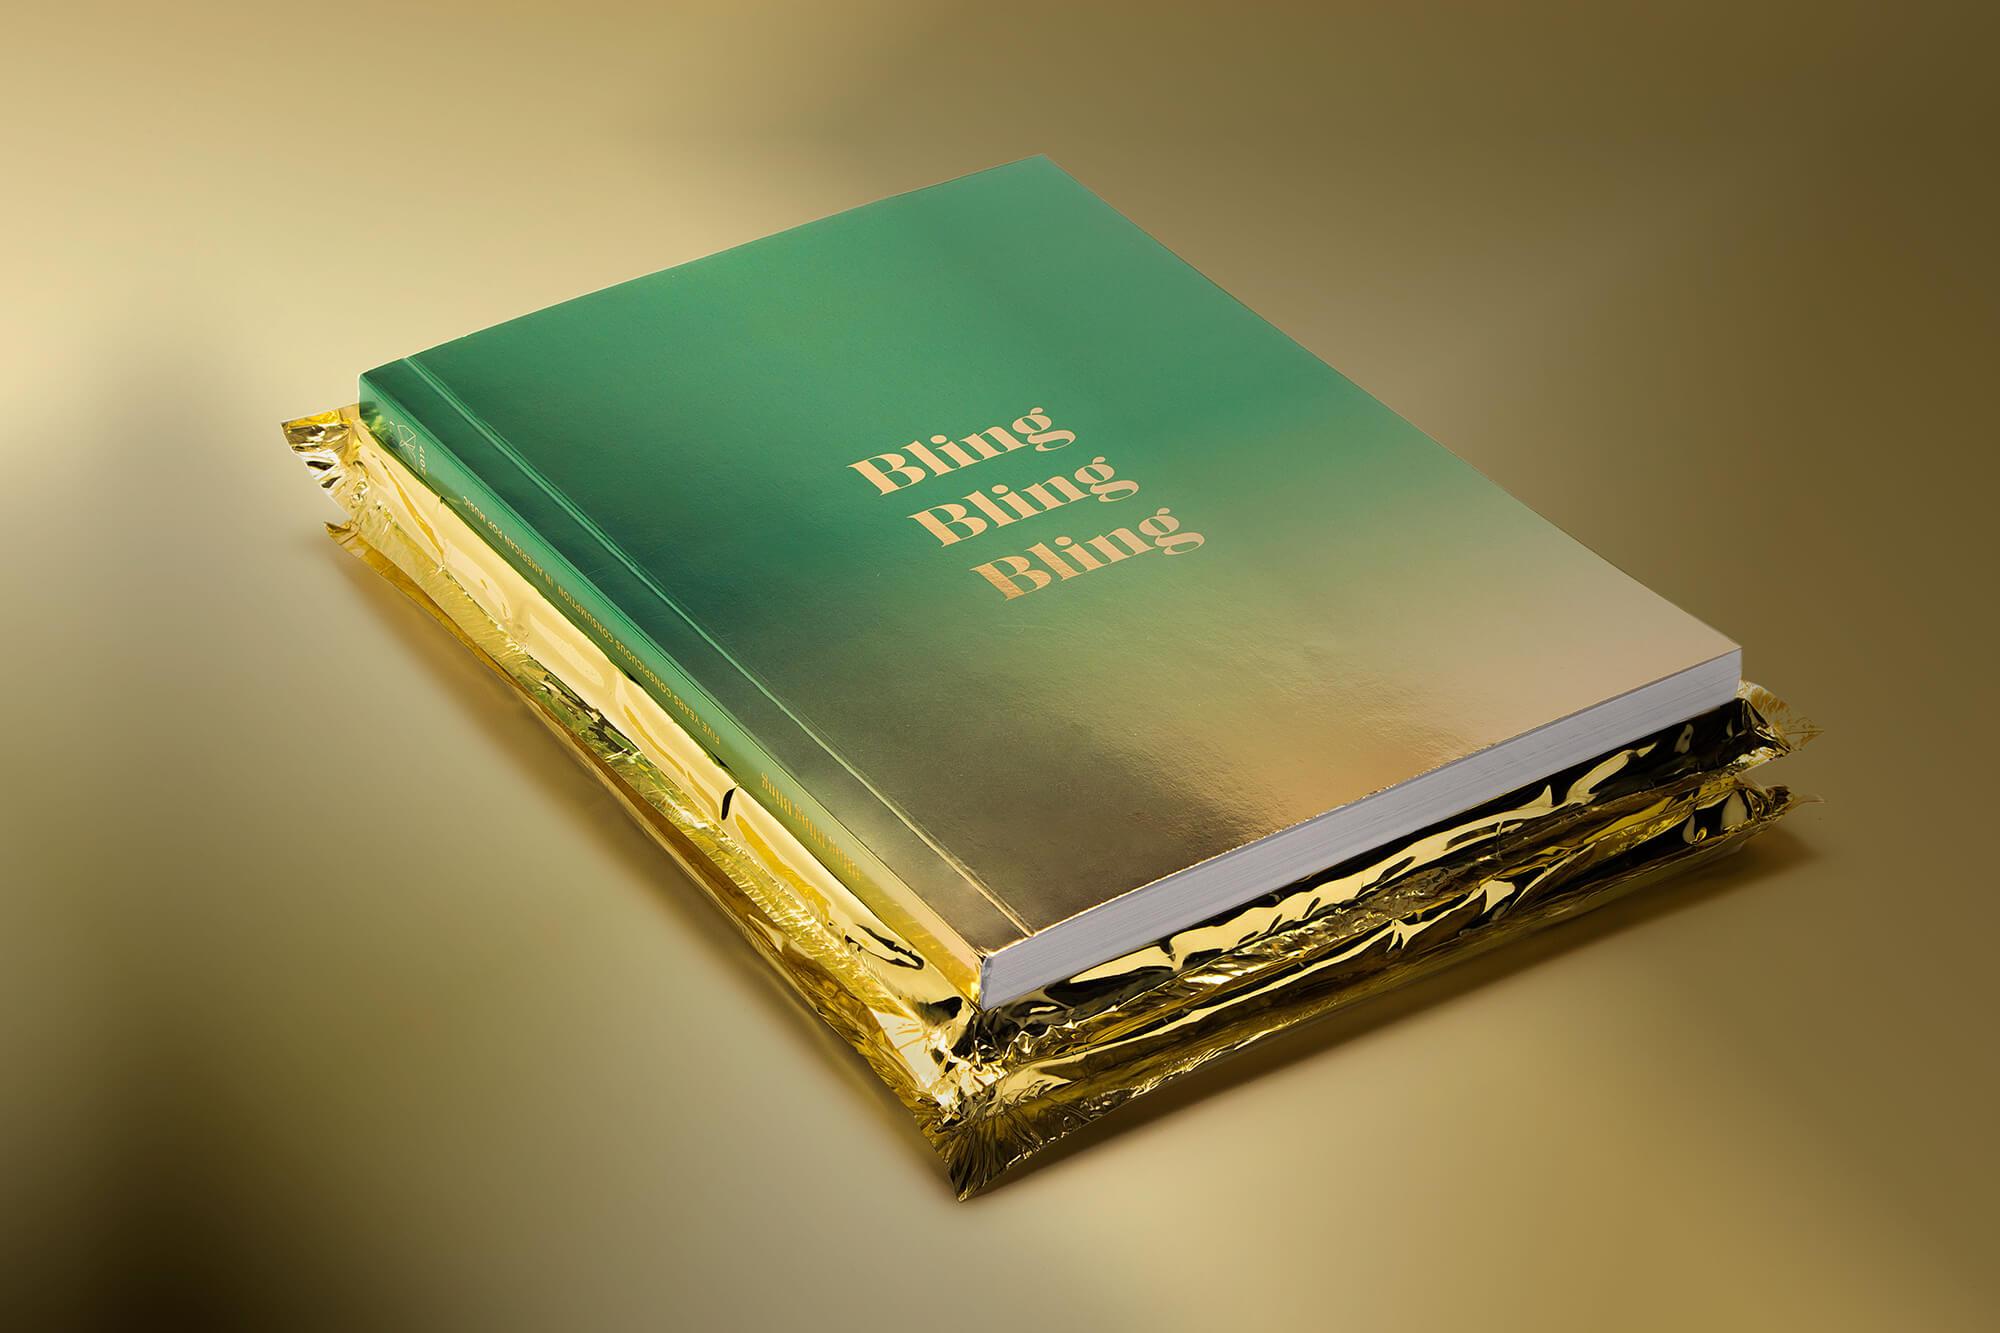 Buchcover mit der Aufschrift